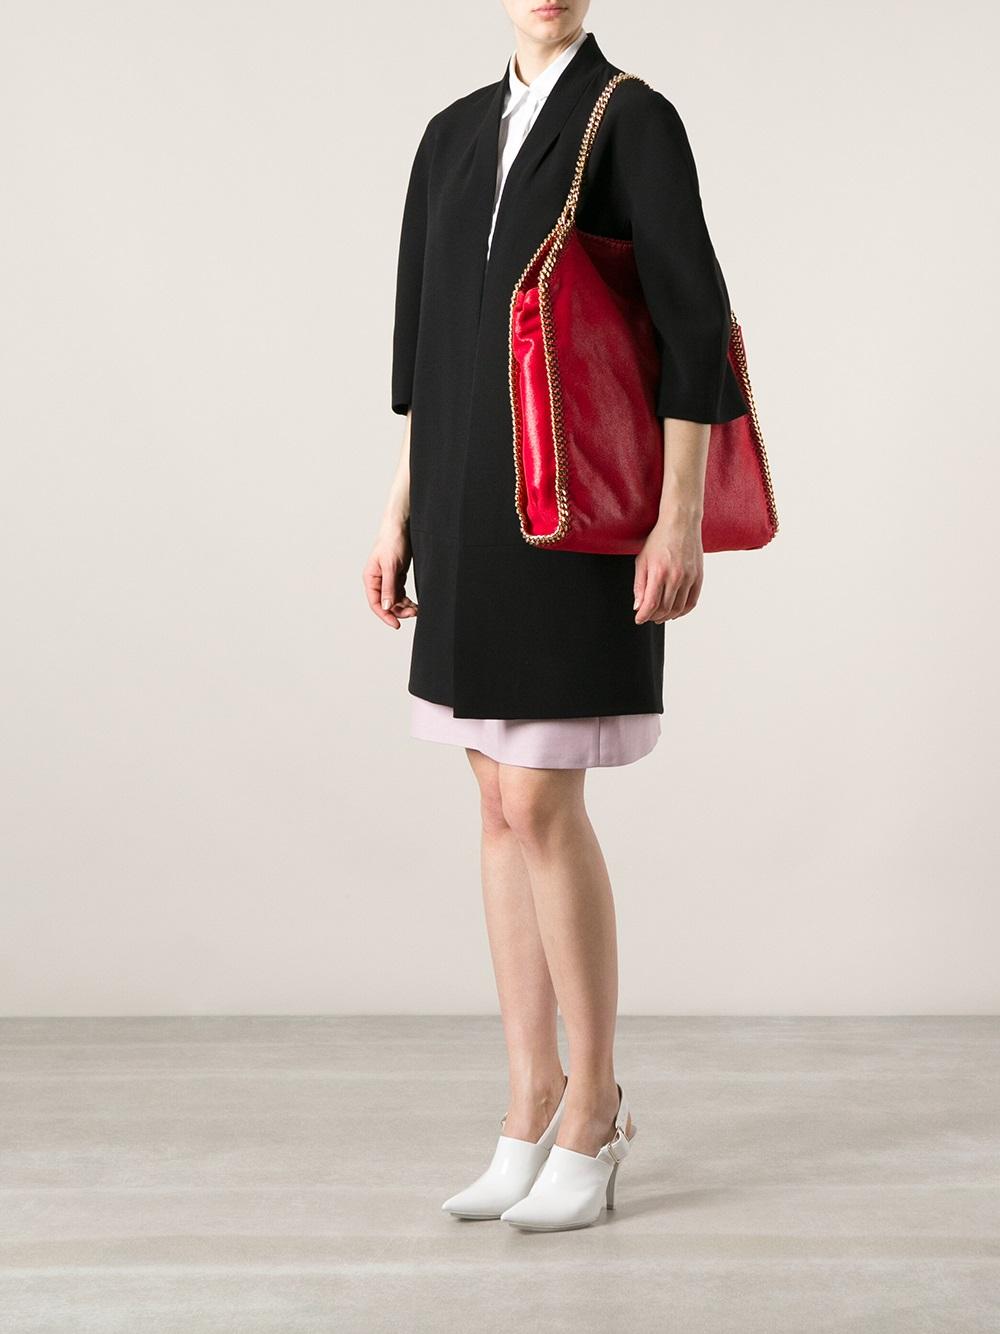 lyst stella mccartney falabella large shoulder bag in red. Black Bedroom Furniture Sets. Home Design Ideas